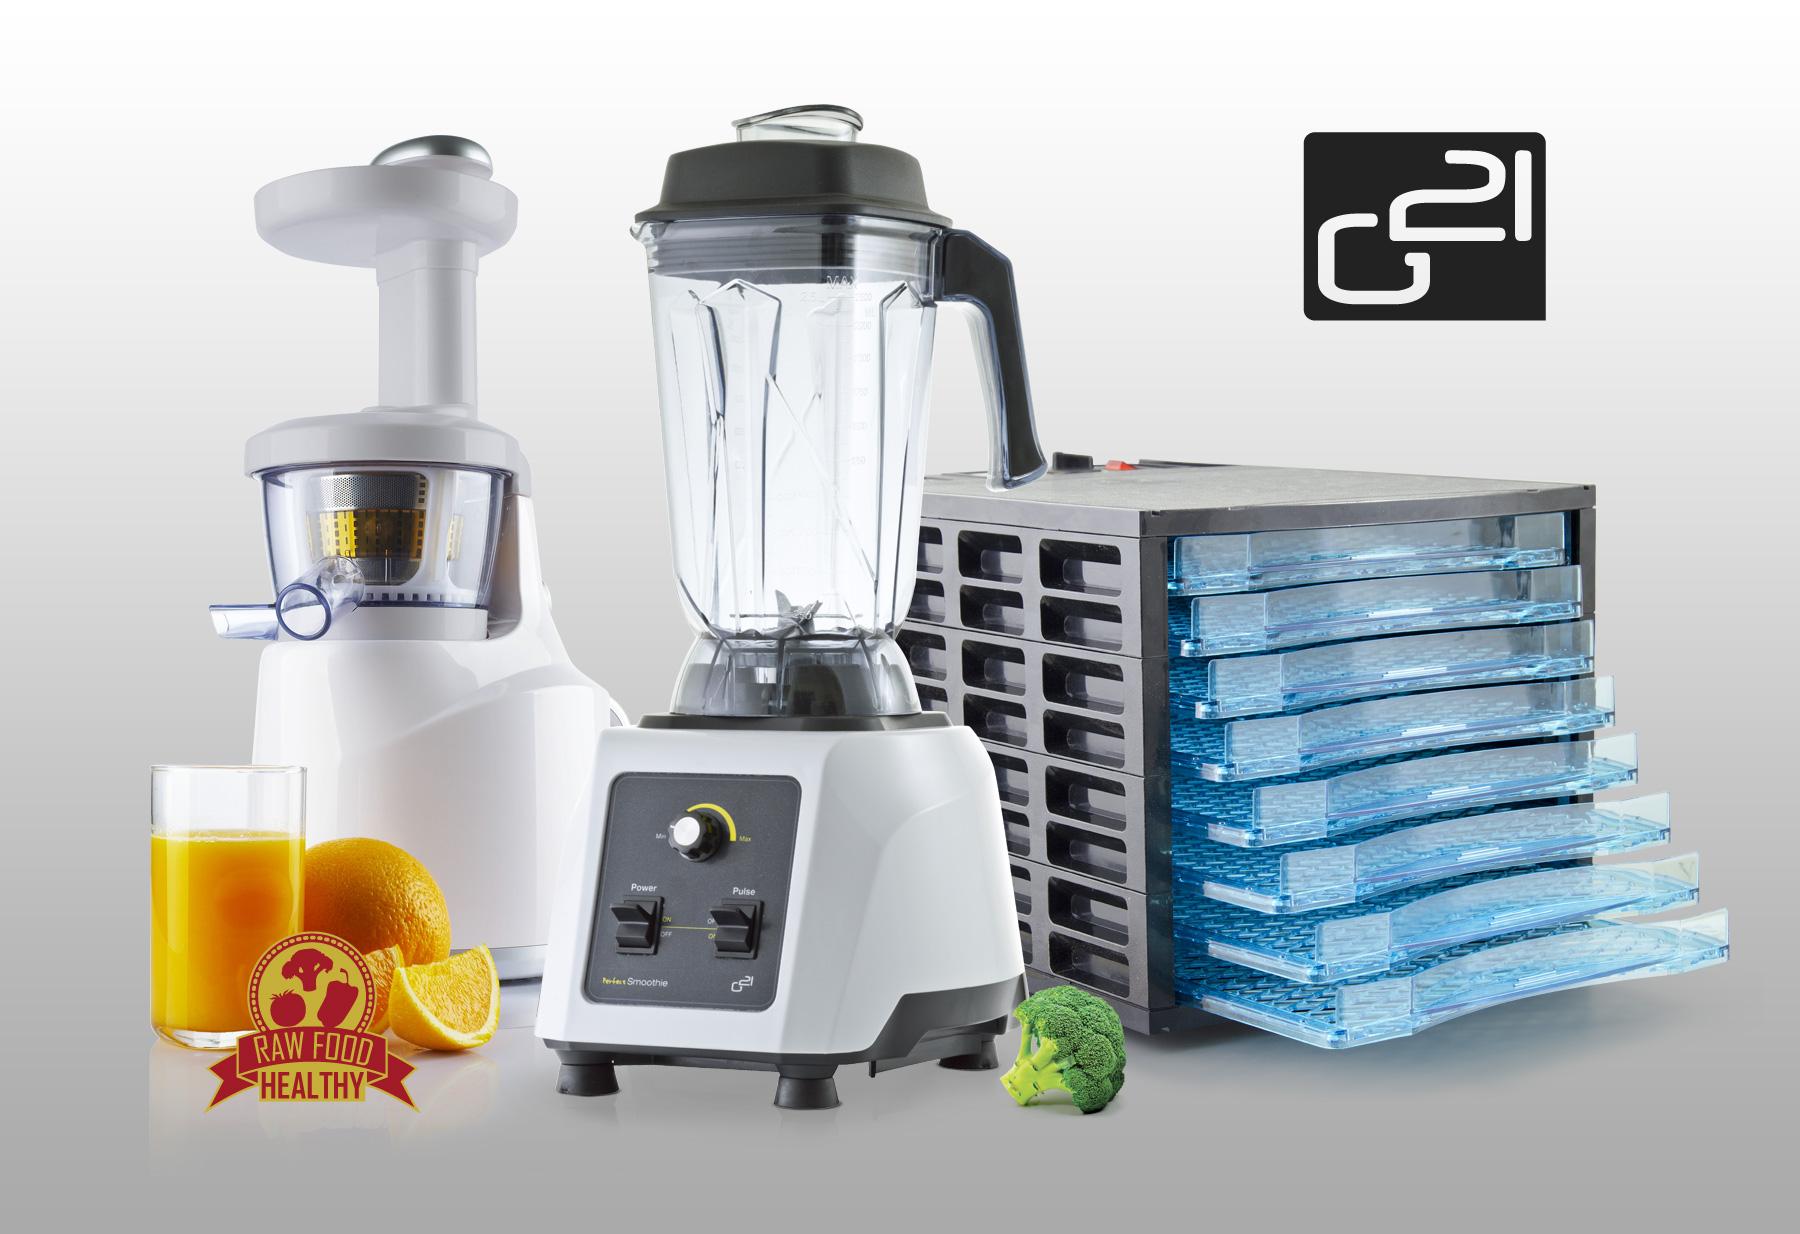 RAW set G21 Economy - Mixér, sušička, odšťavňovač